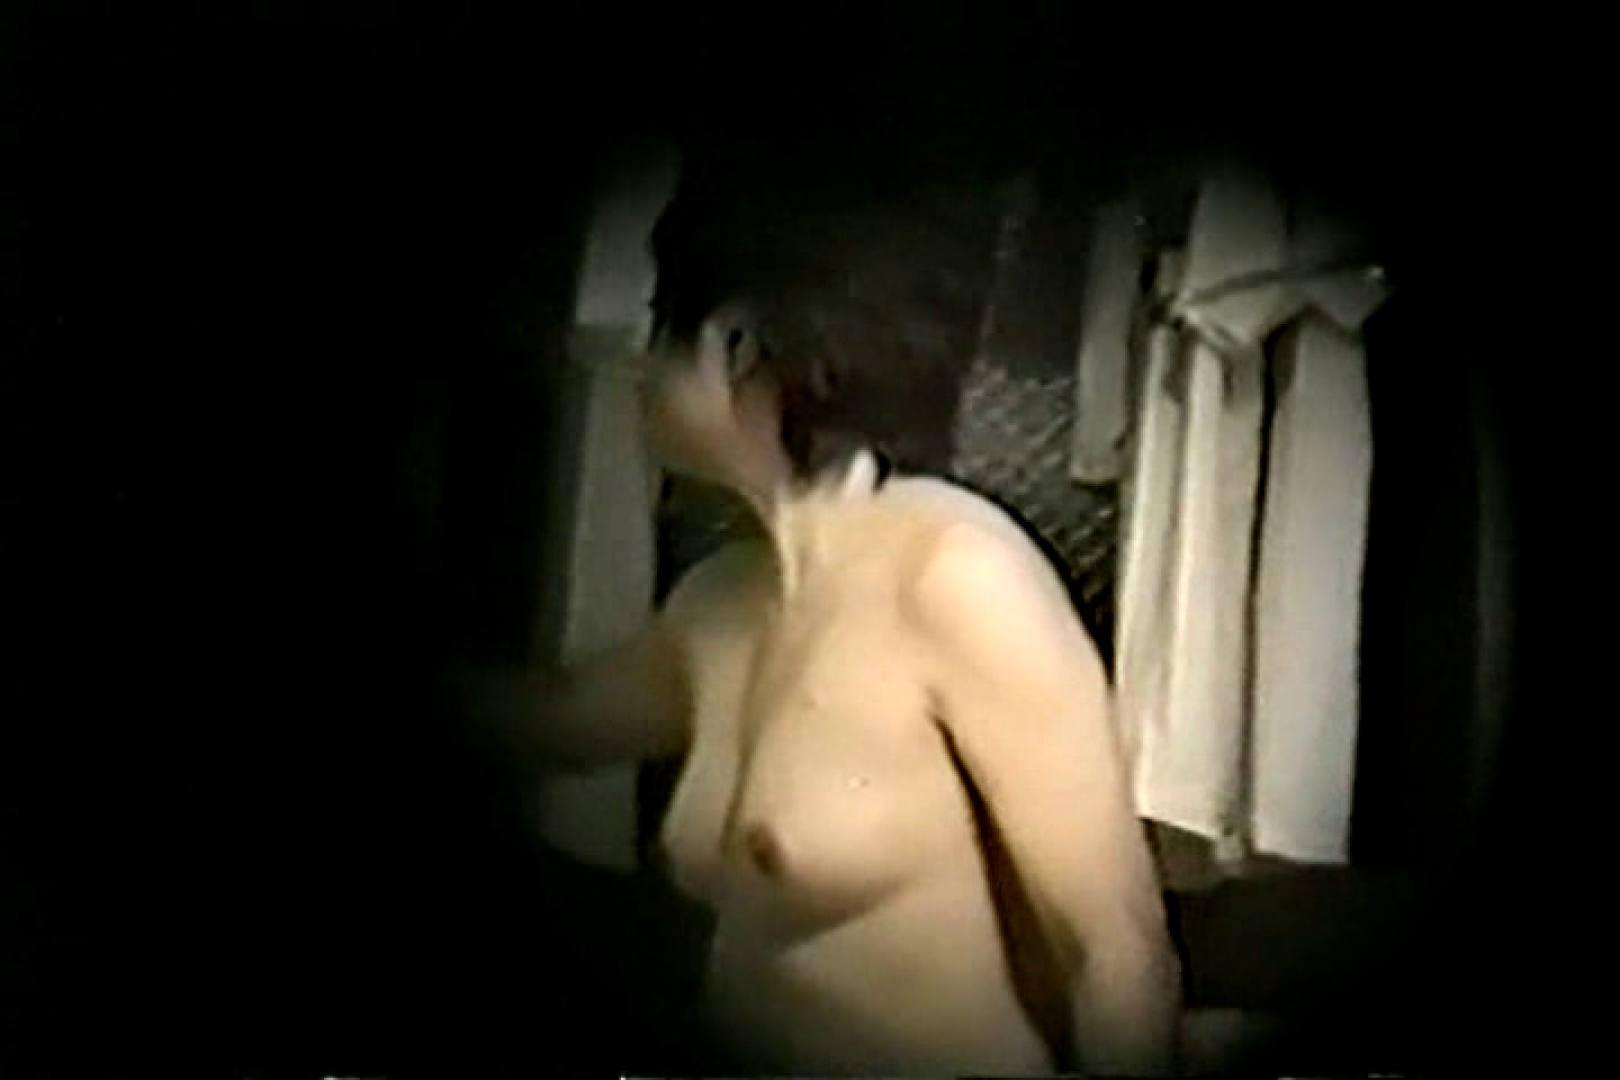 深夜の撮影会Vol.6 オナニー 濡れ場動画紹介 56pic 32